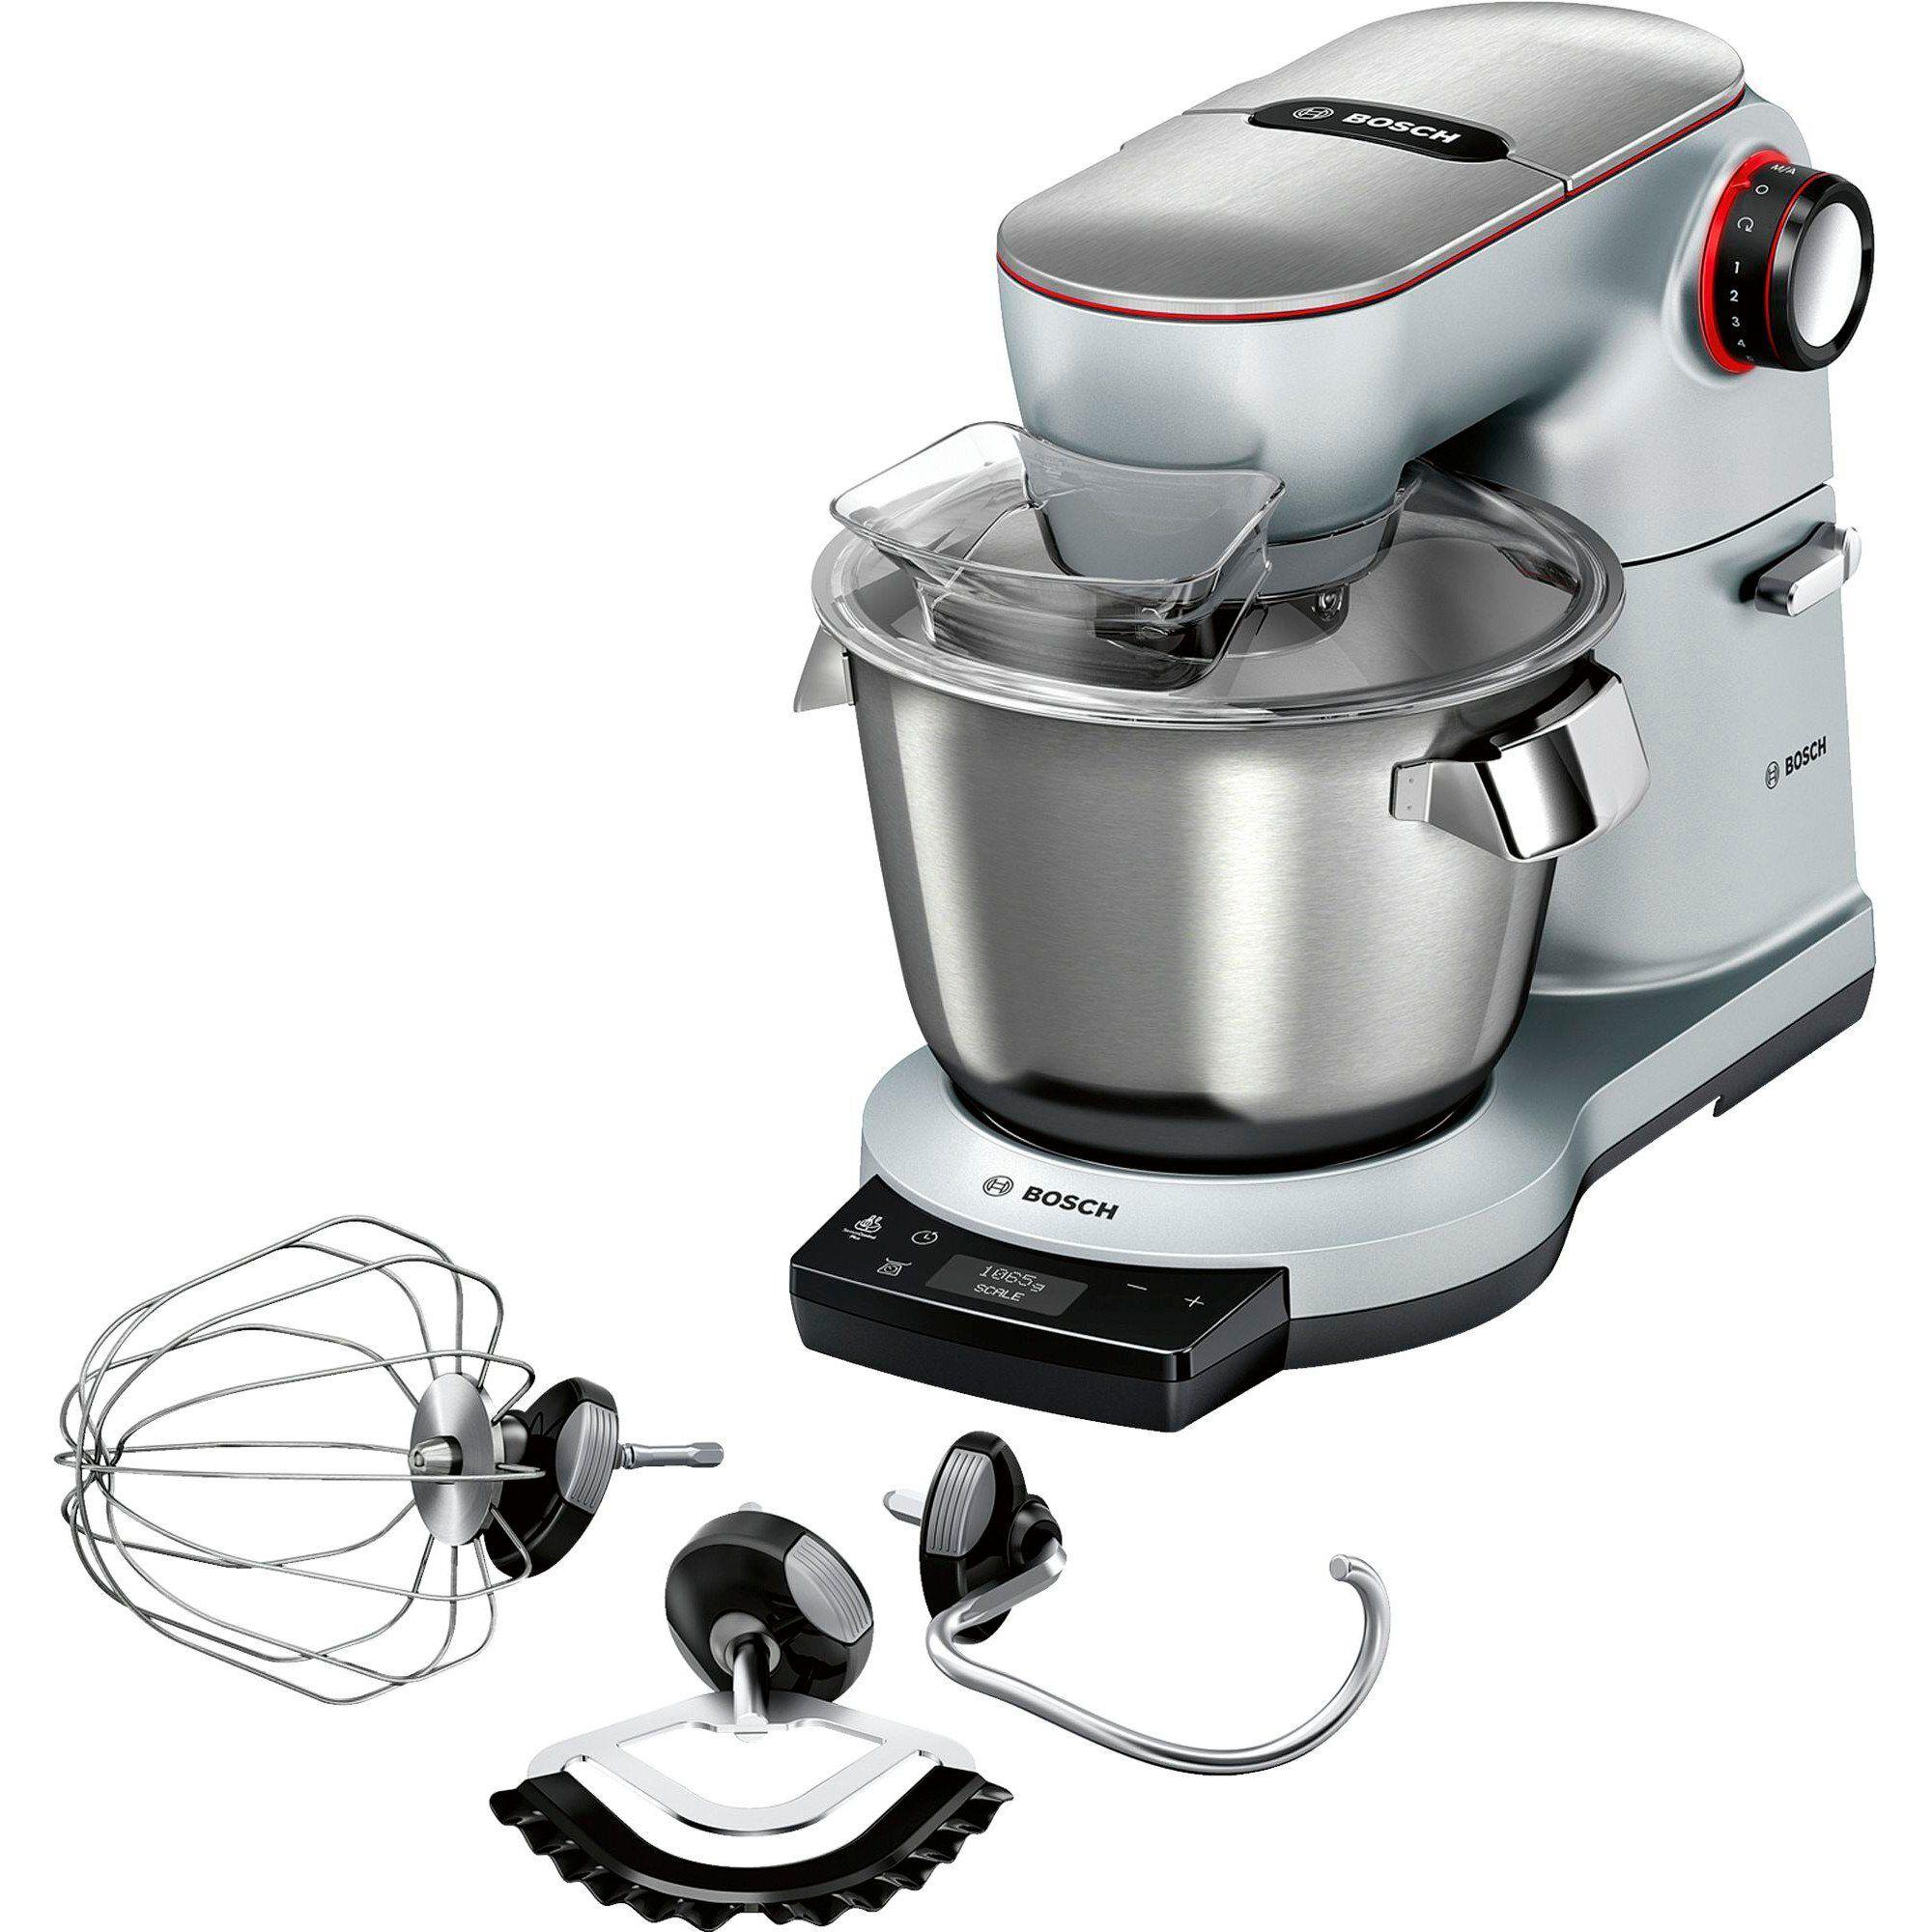 Bosch Küchenmaschine OptiMUM MUM9AX5S00, mit Profi-Patisserie-Set